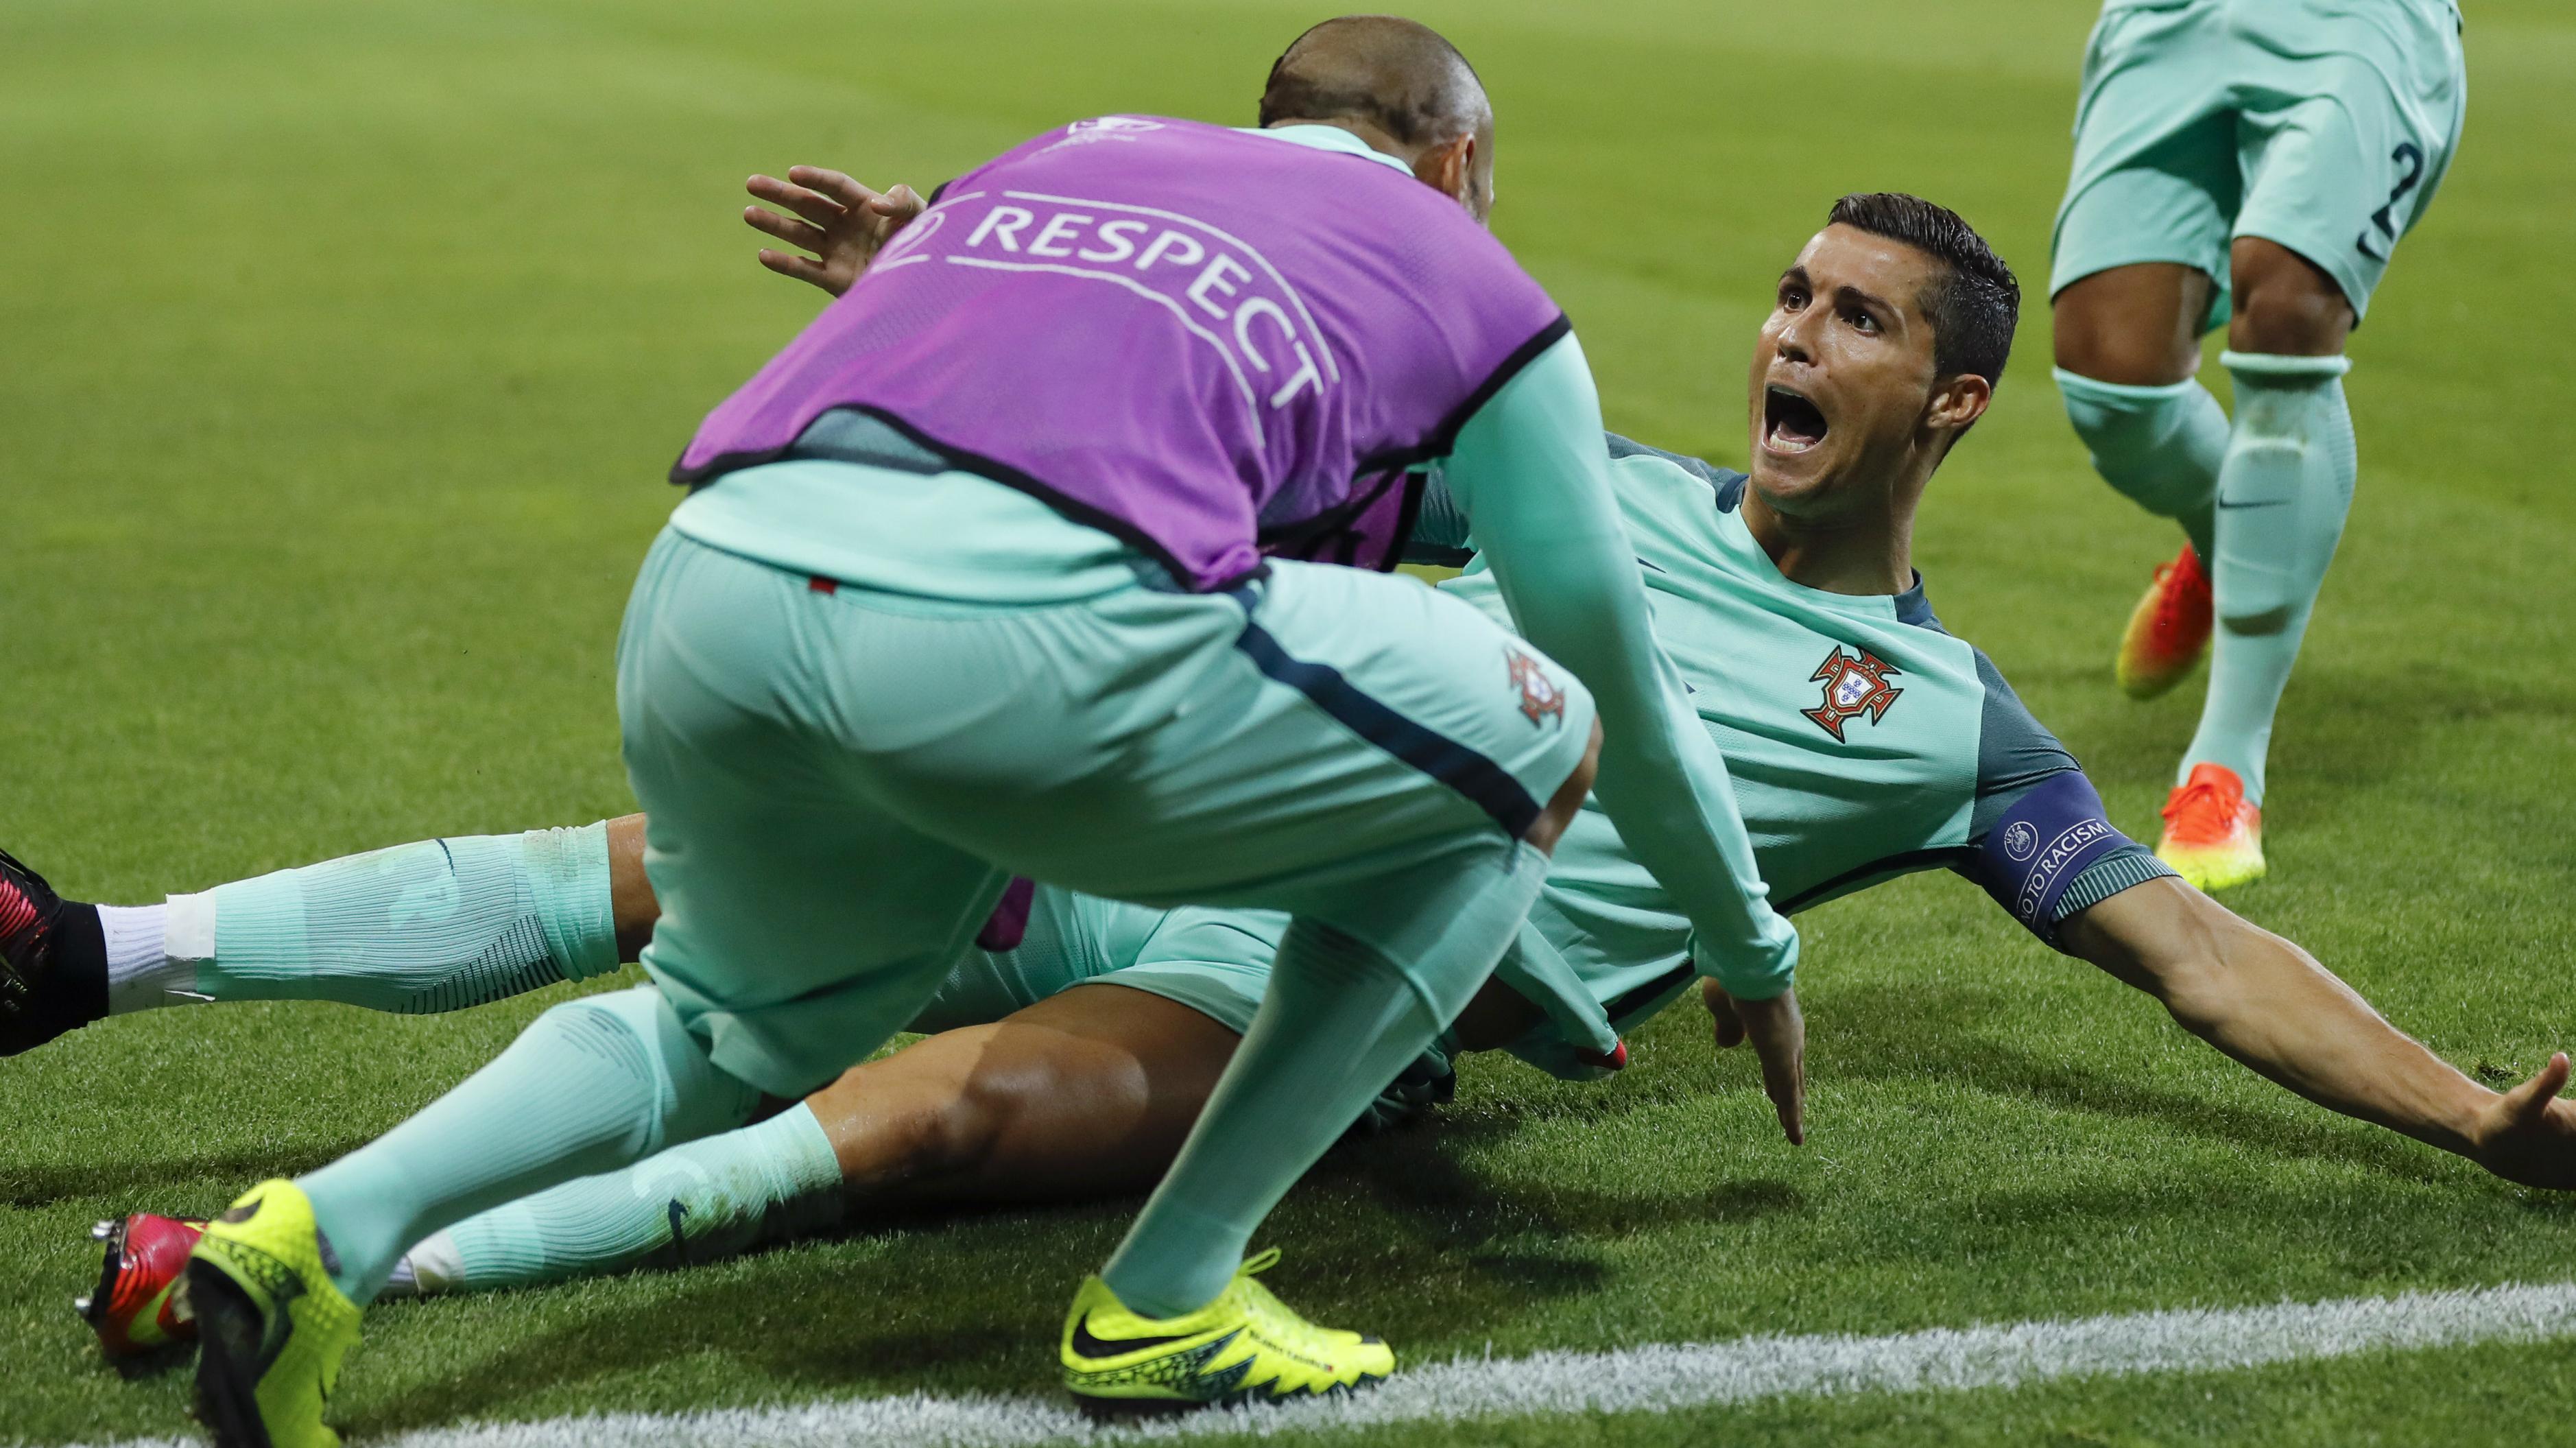 cristiano ronaldo portugal vs. france Euro cup